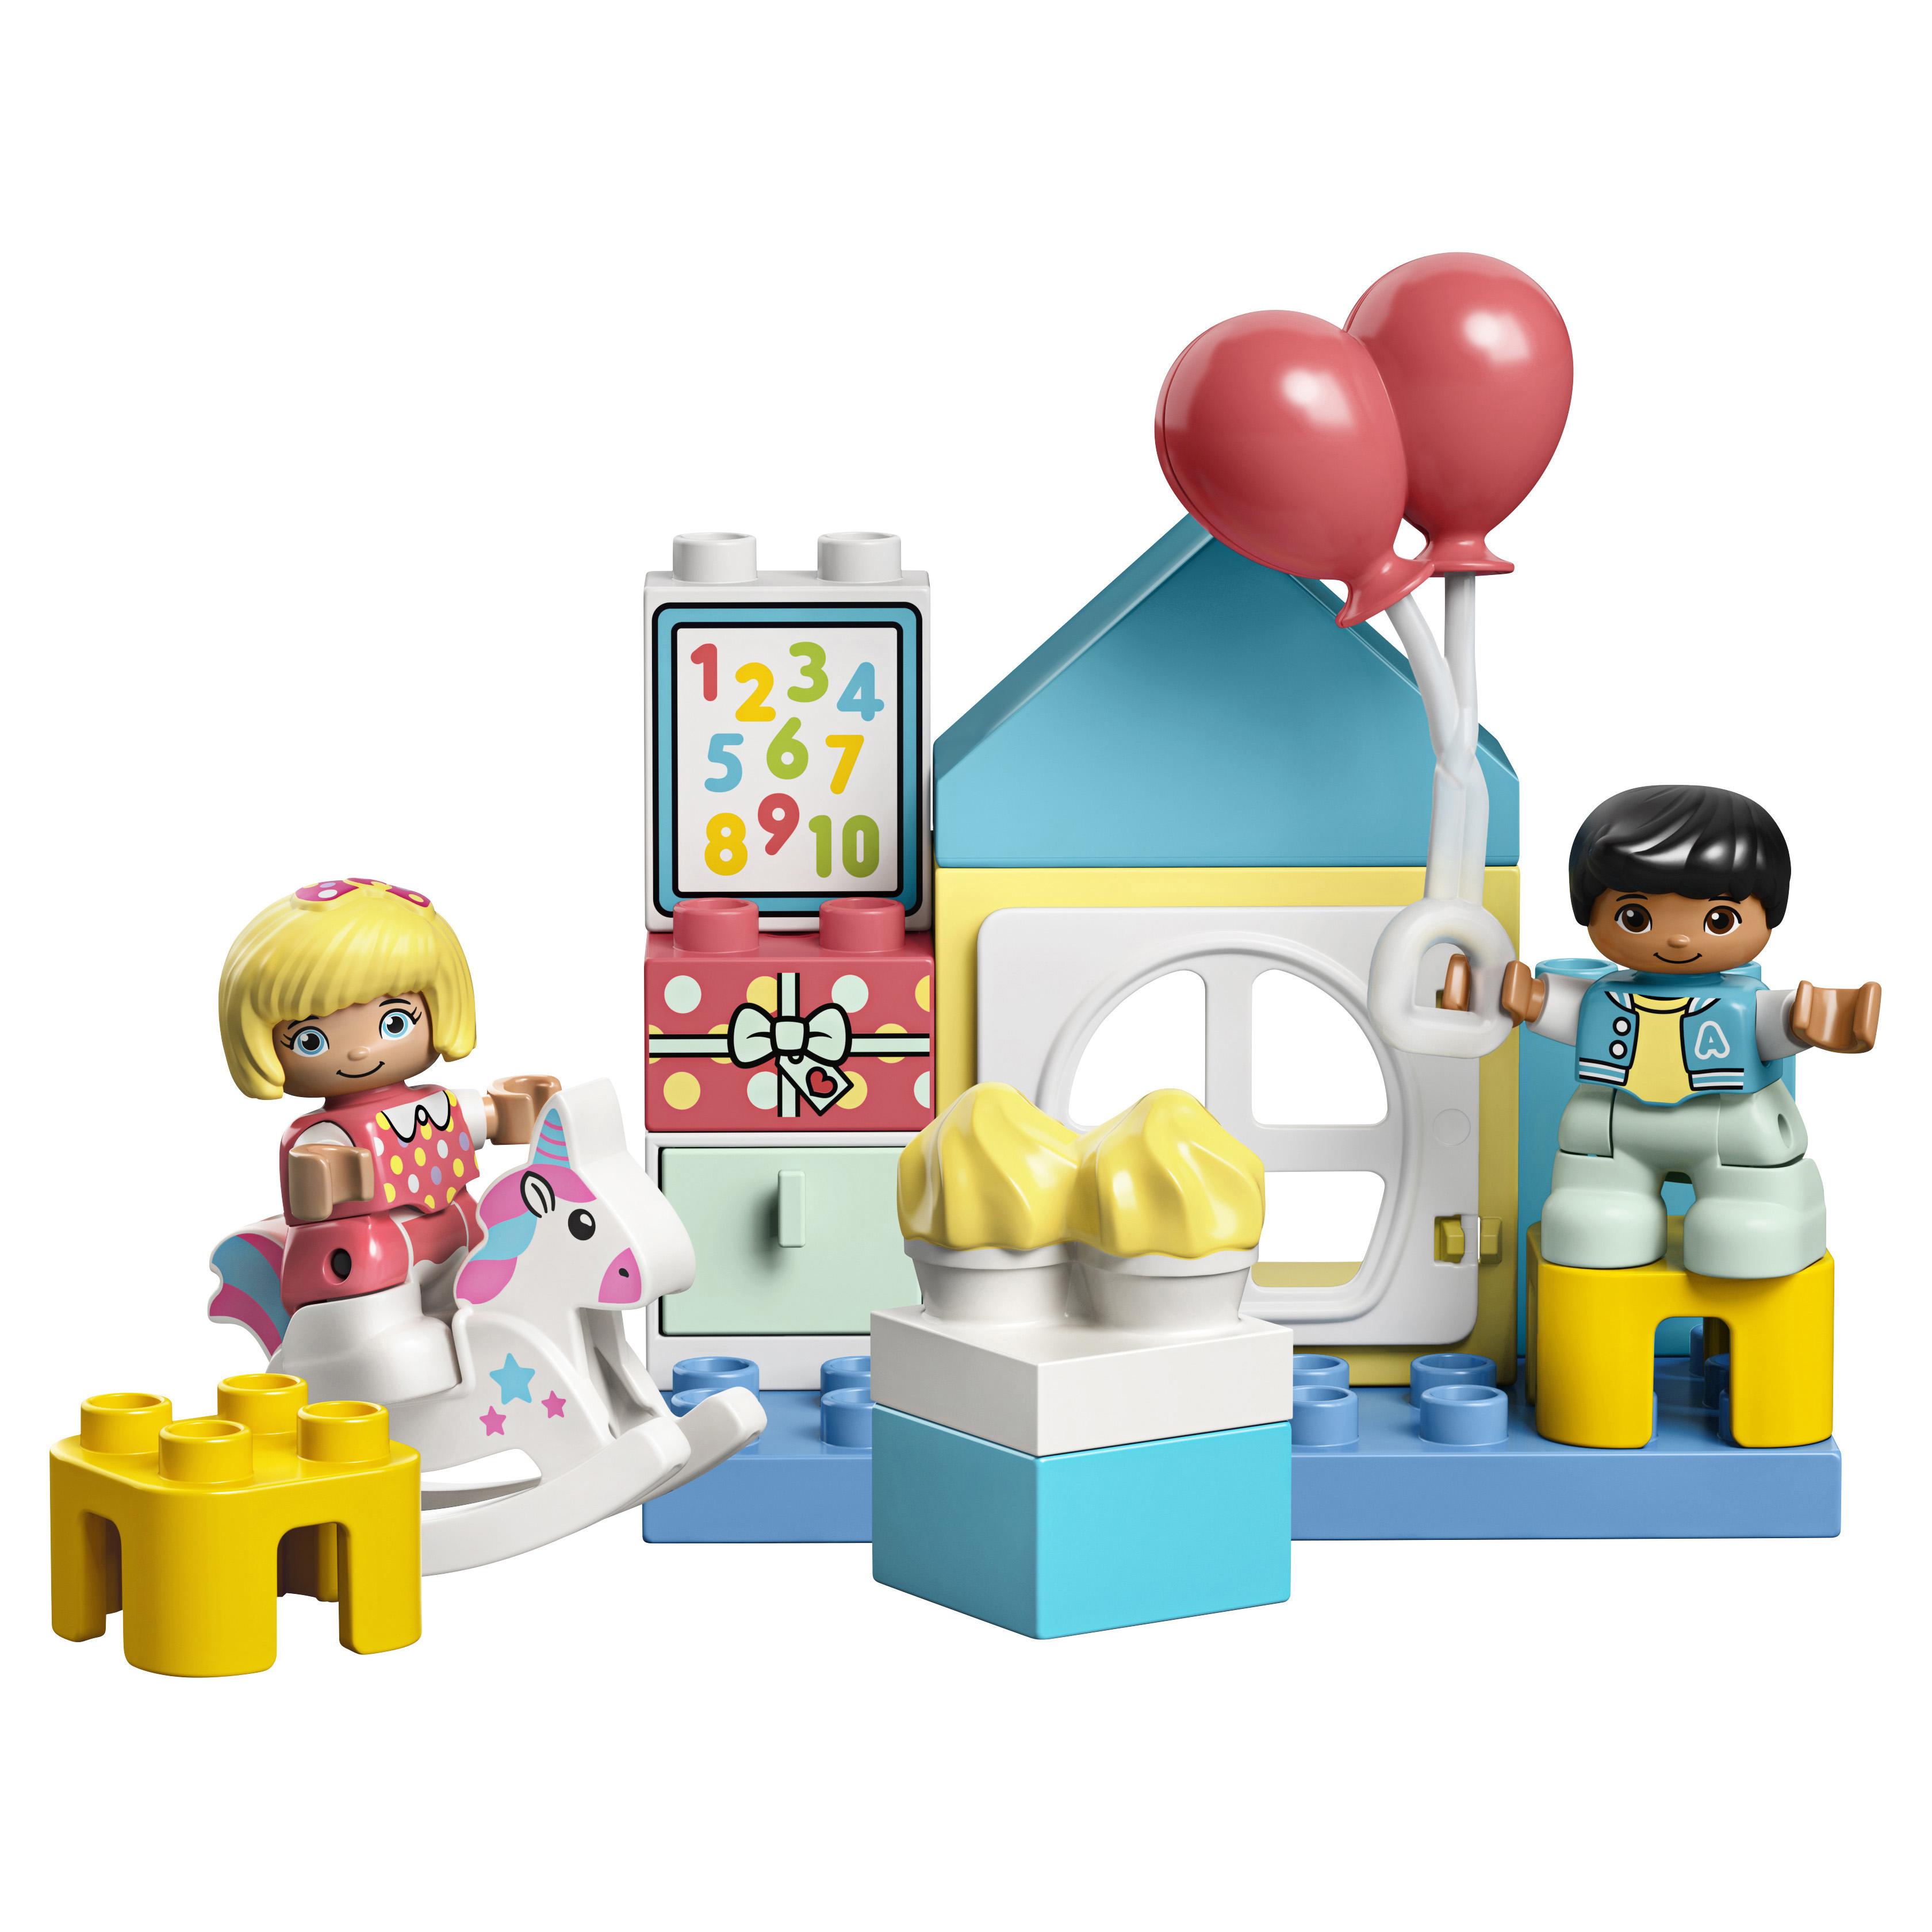 Конструктор LEGO DUPLO Town 10925 Игровая комната фото